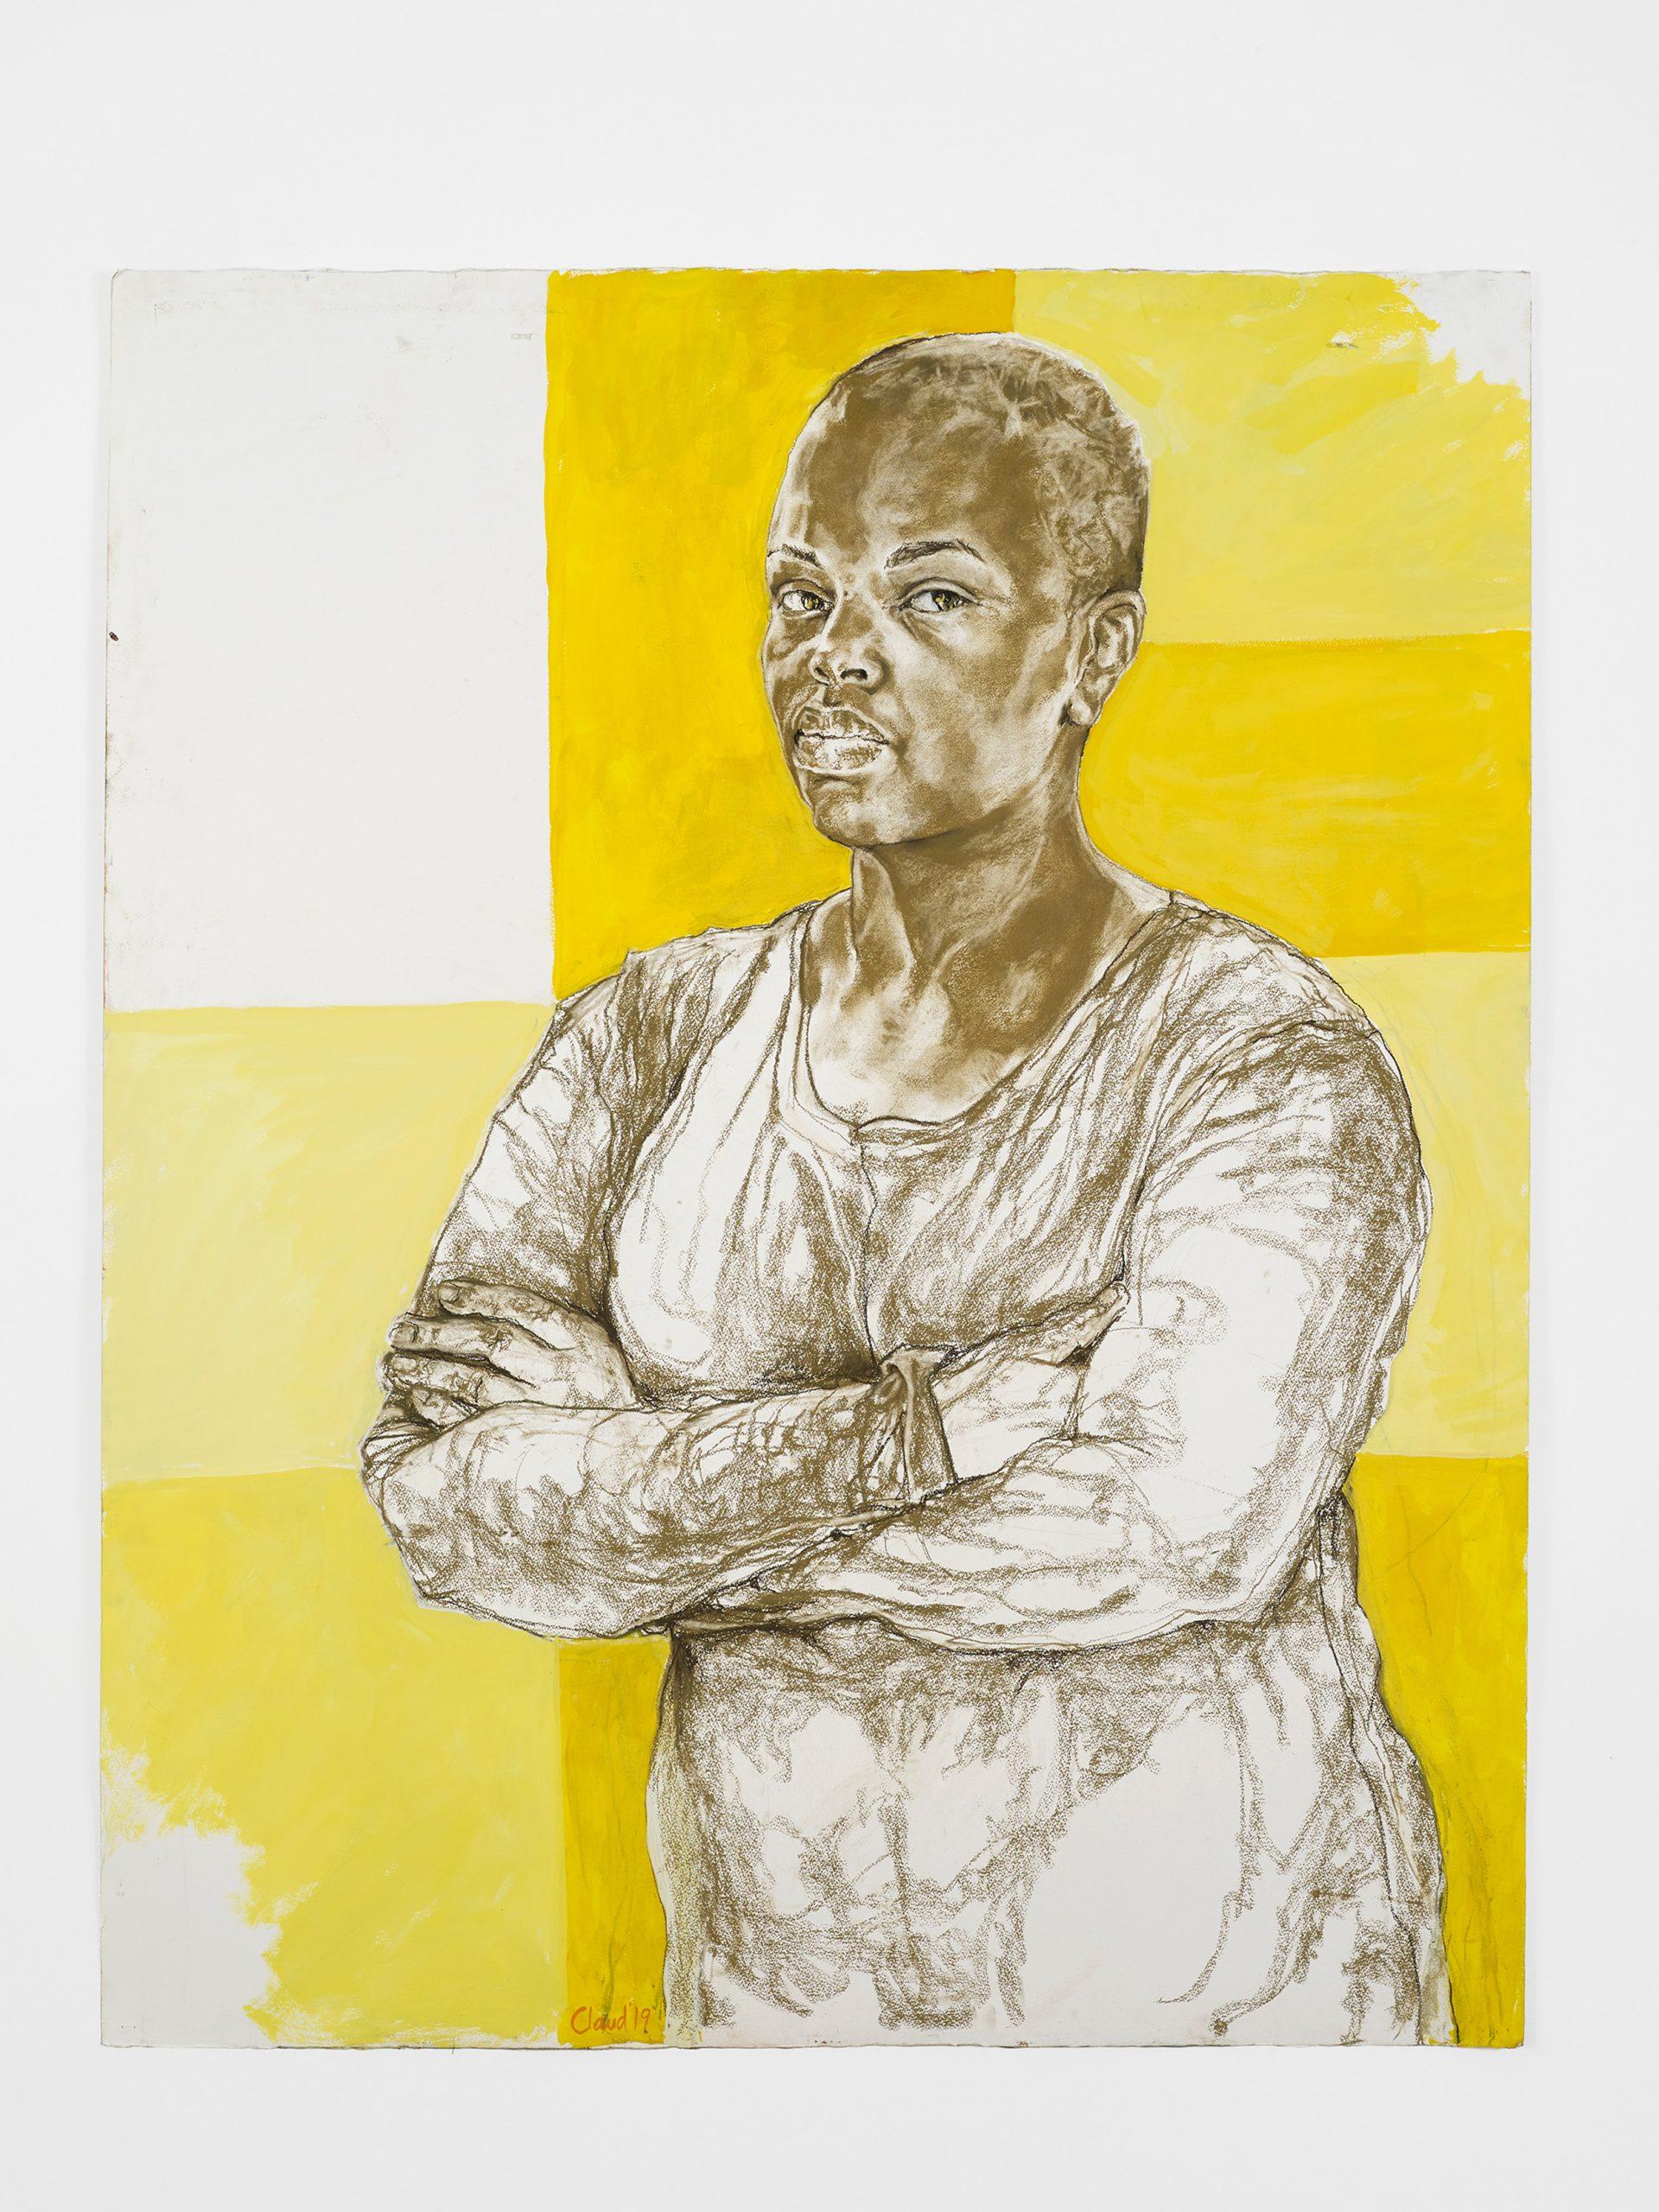 Claudette Johnson